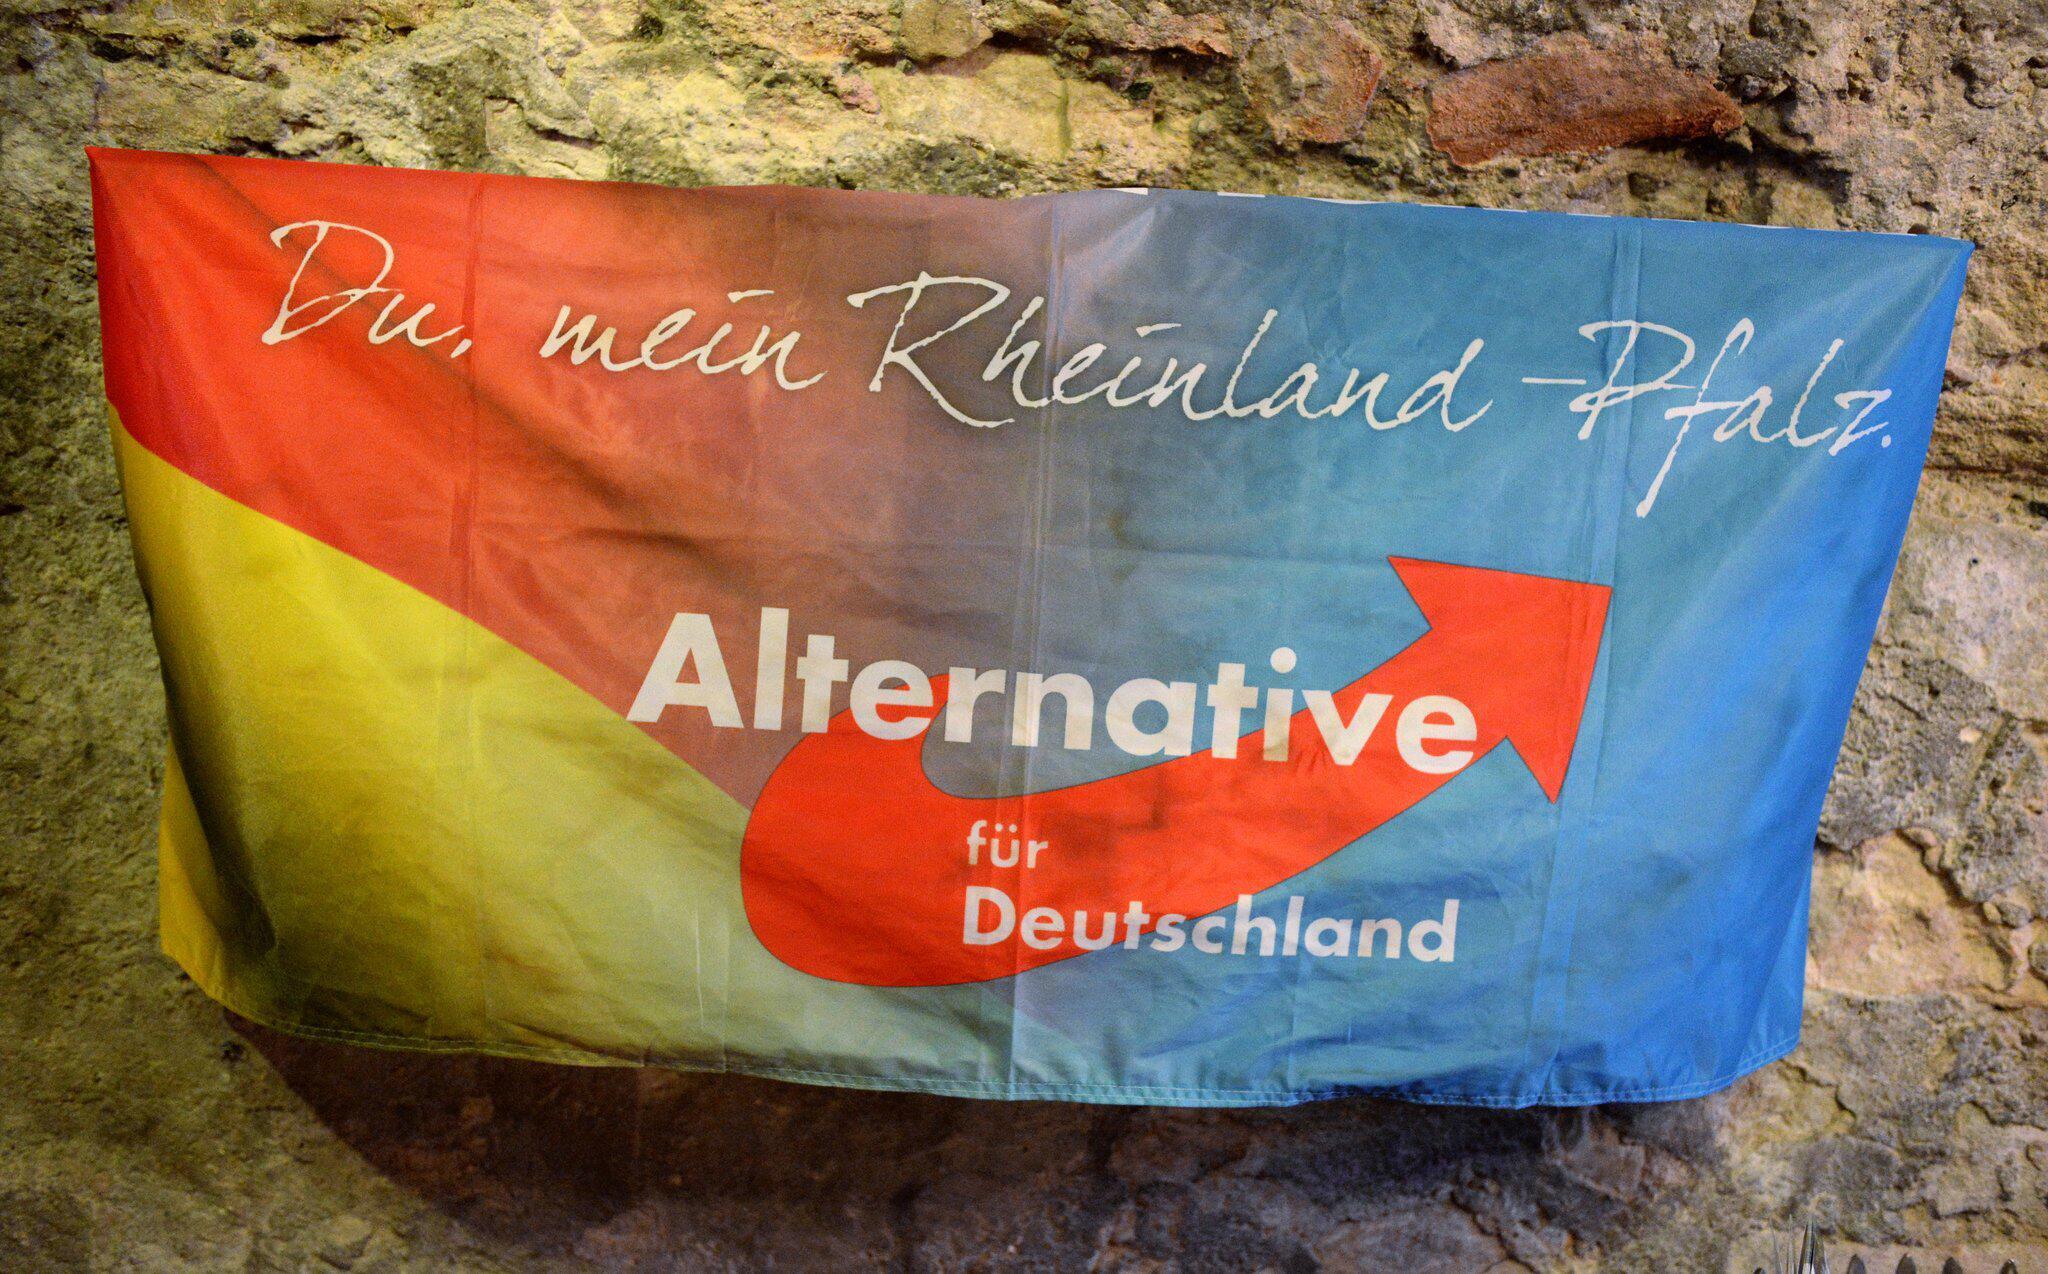 Bild zu Jahresrückblick Rheinland-Pfalz 2016